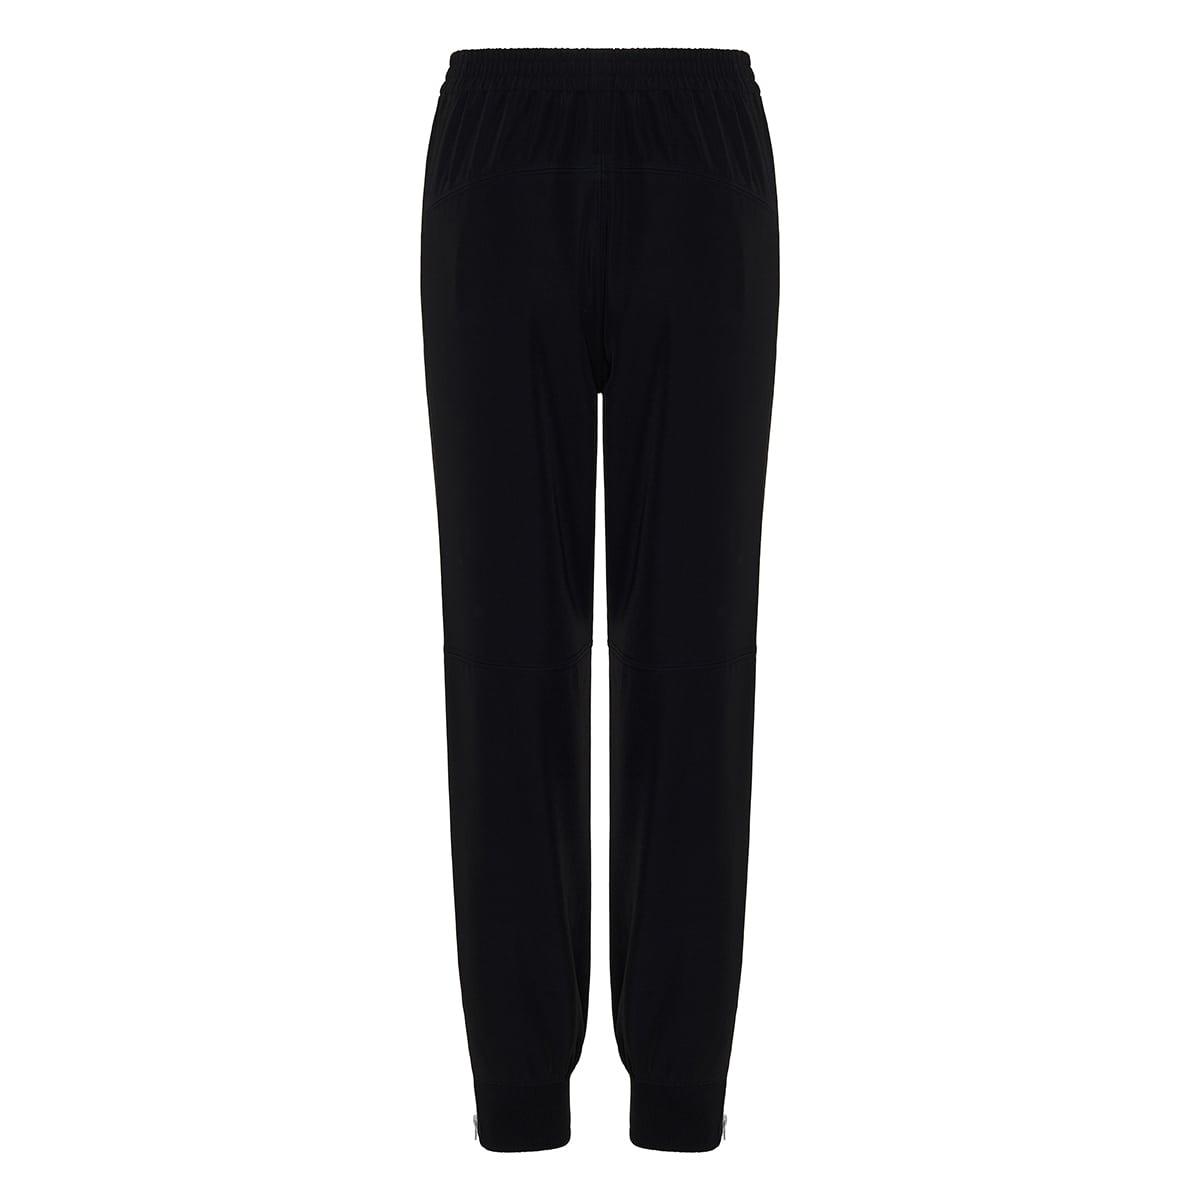 Nylon jogger trousers